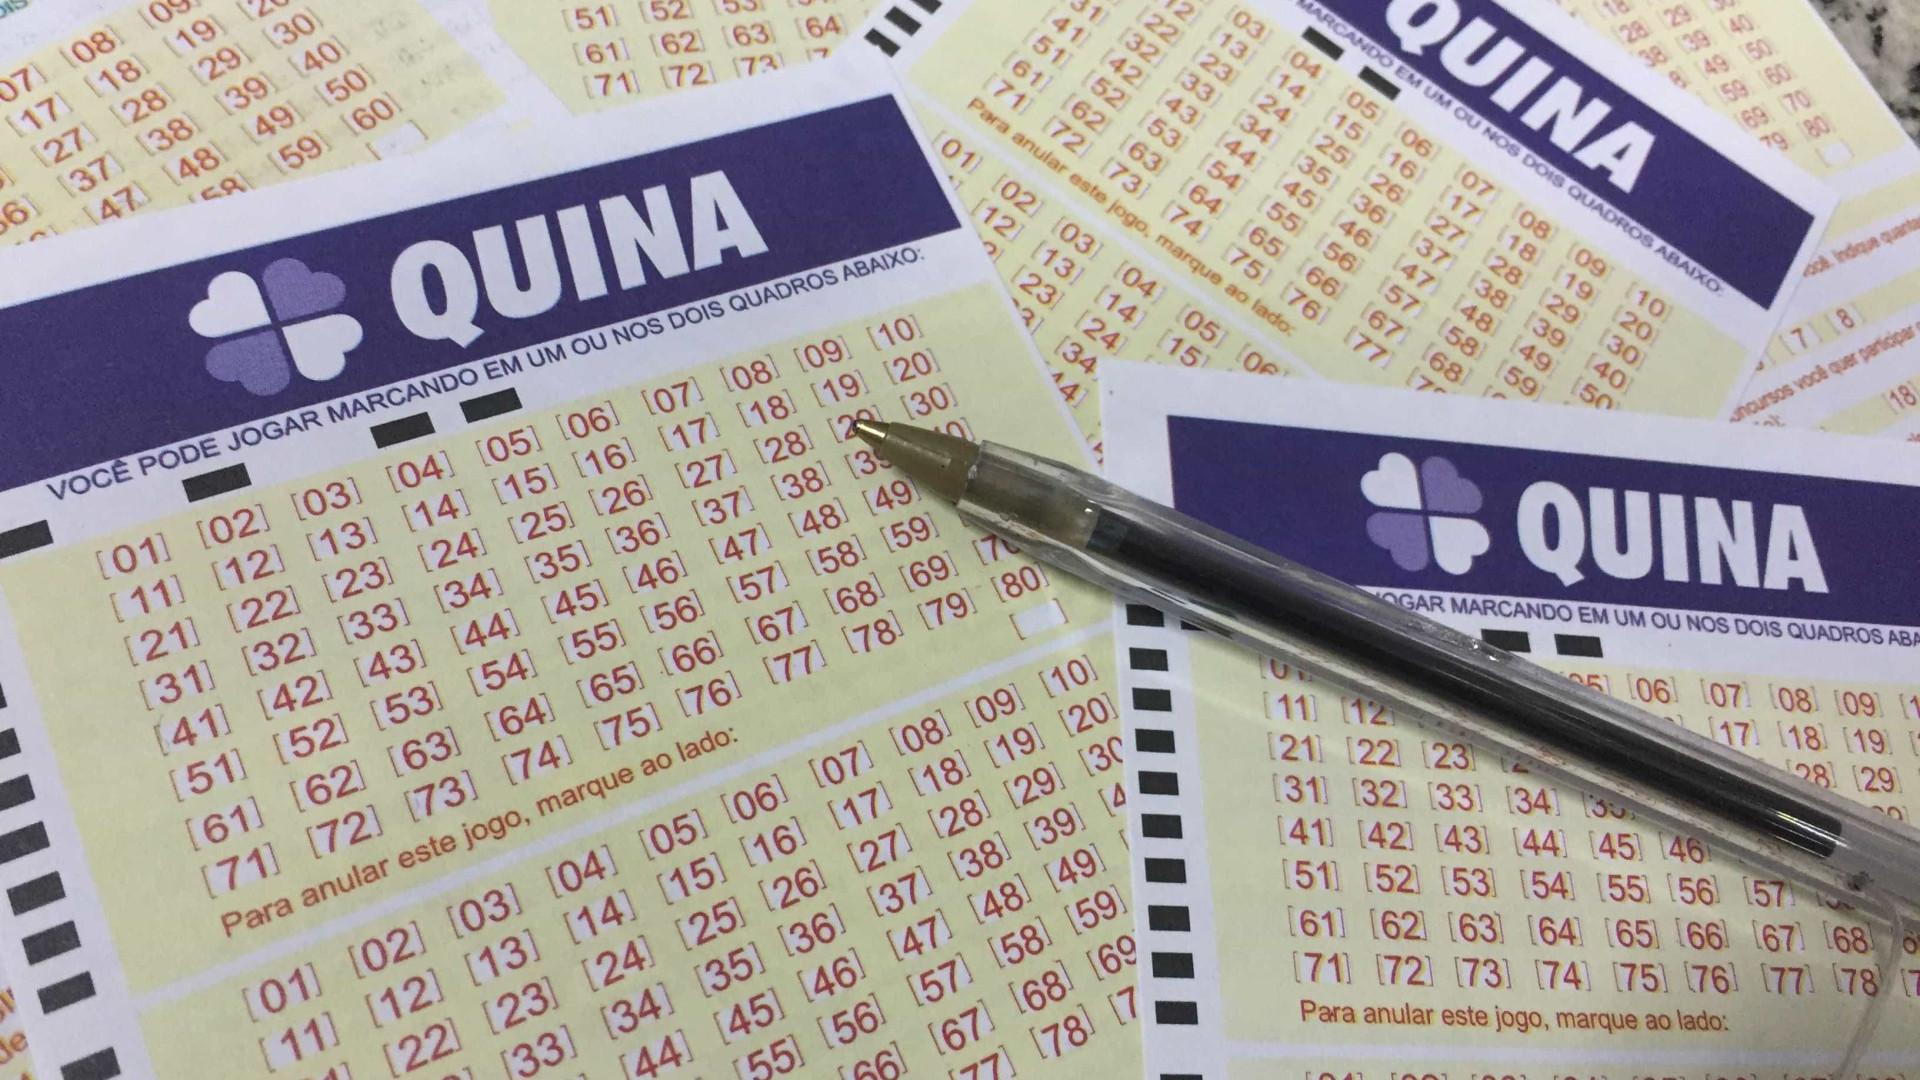 Uma aposta acerta as cinco dezenas da Quina e leva R$ 2 milhões